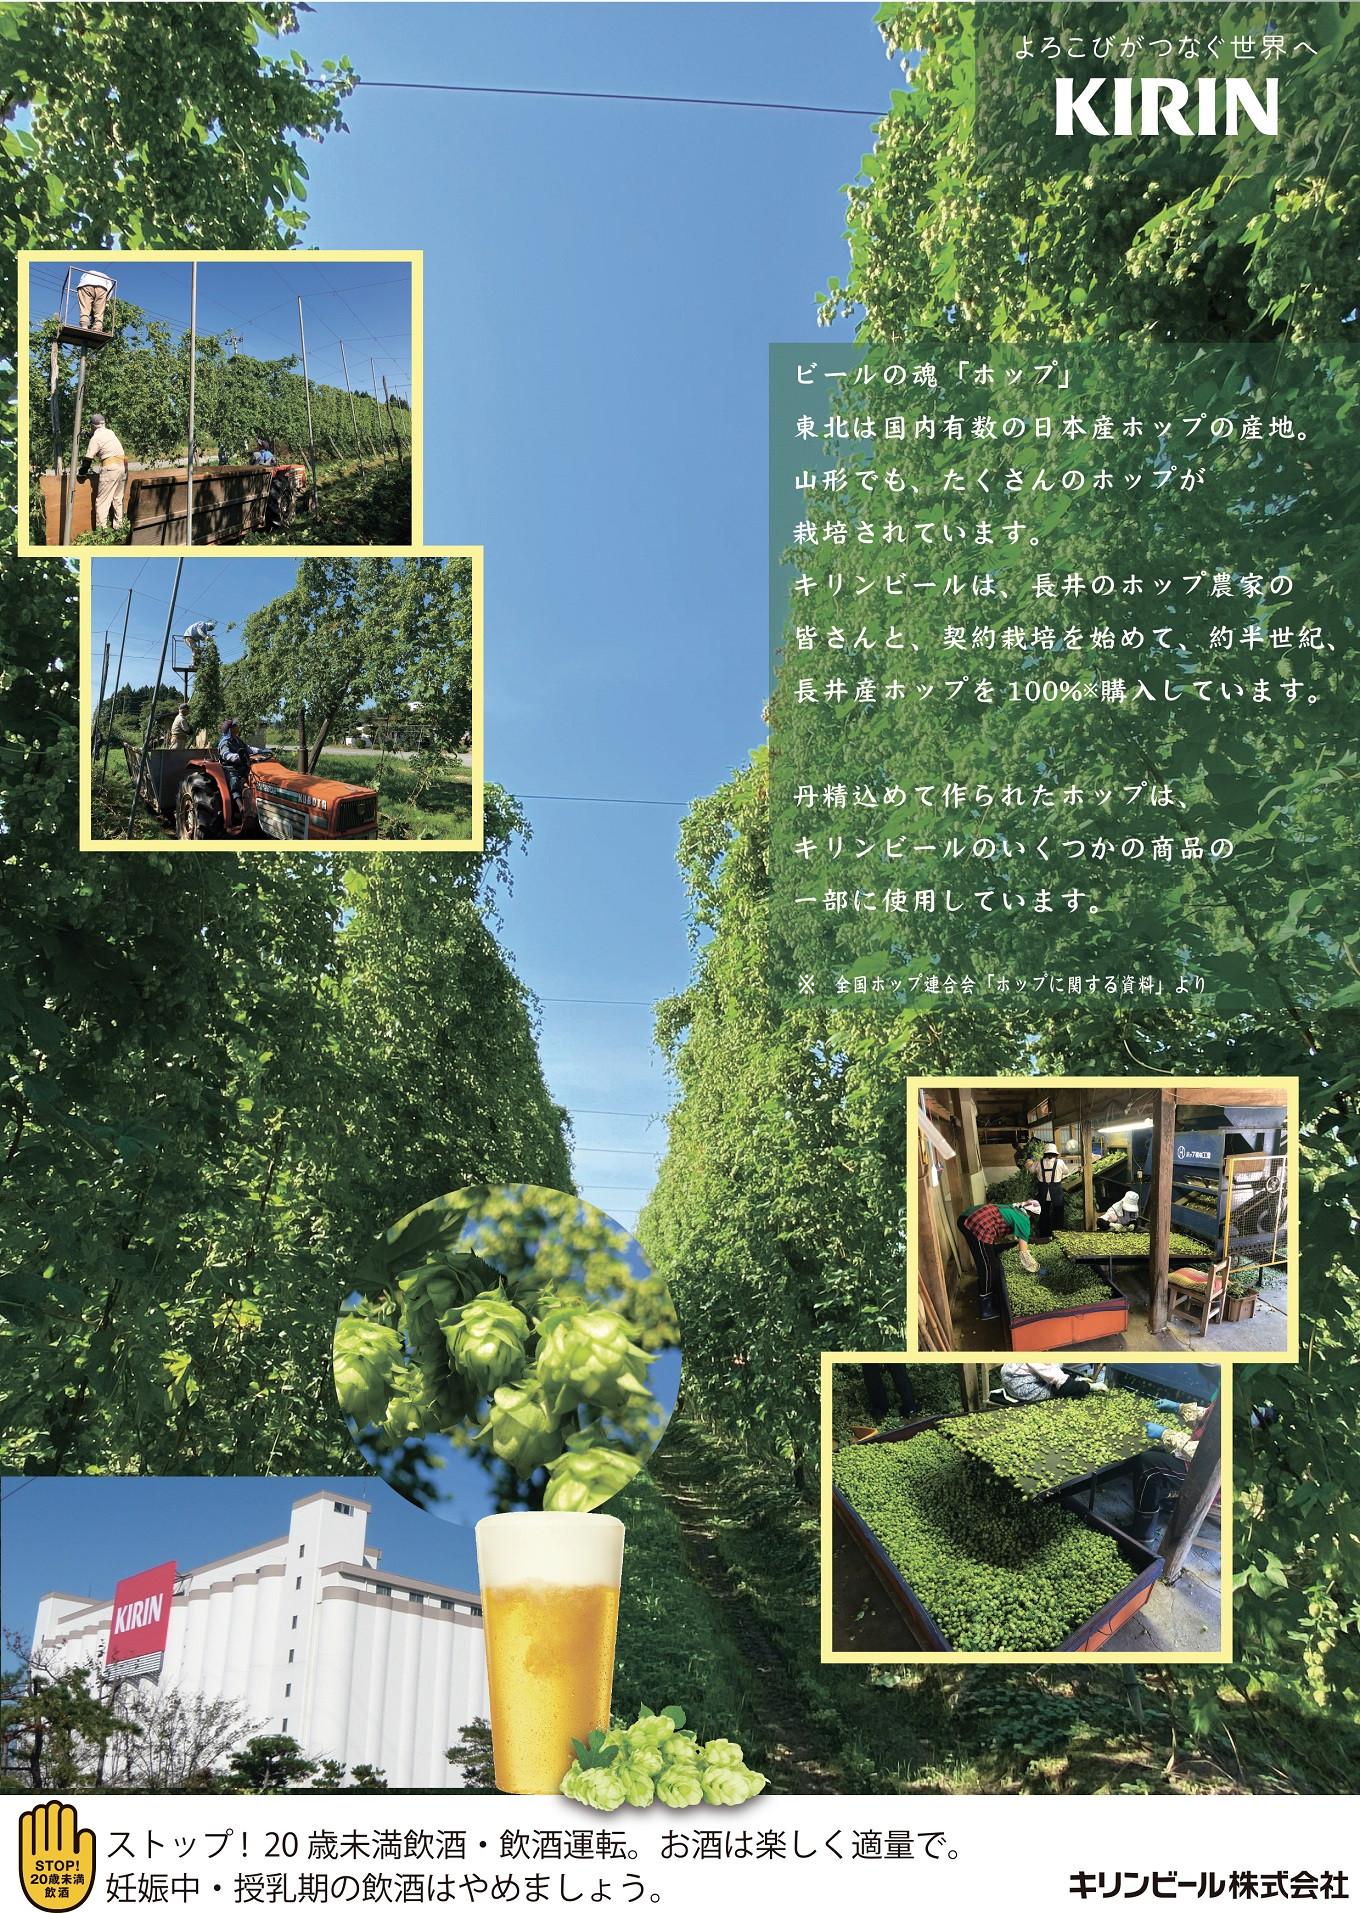 ポスターなどでキリンビールと長井市の関わりをPR